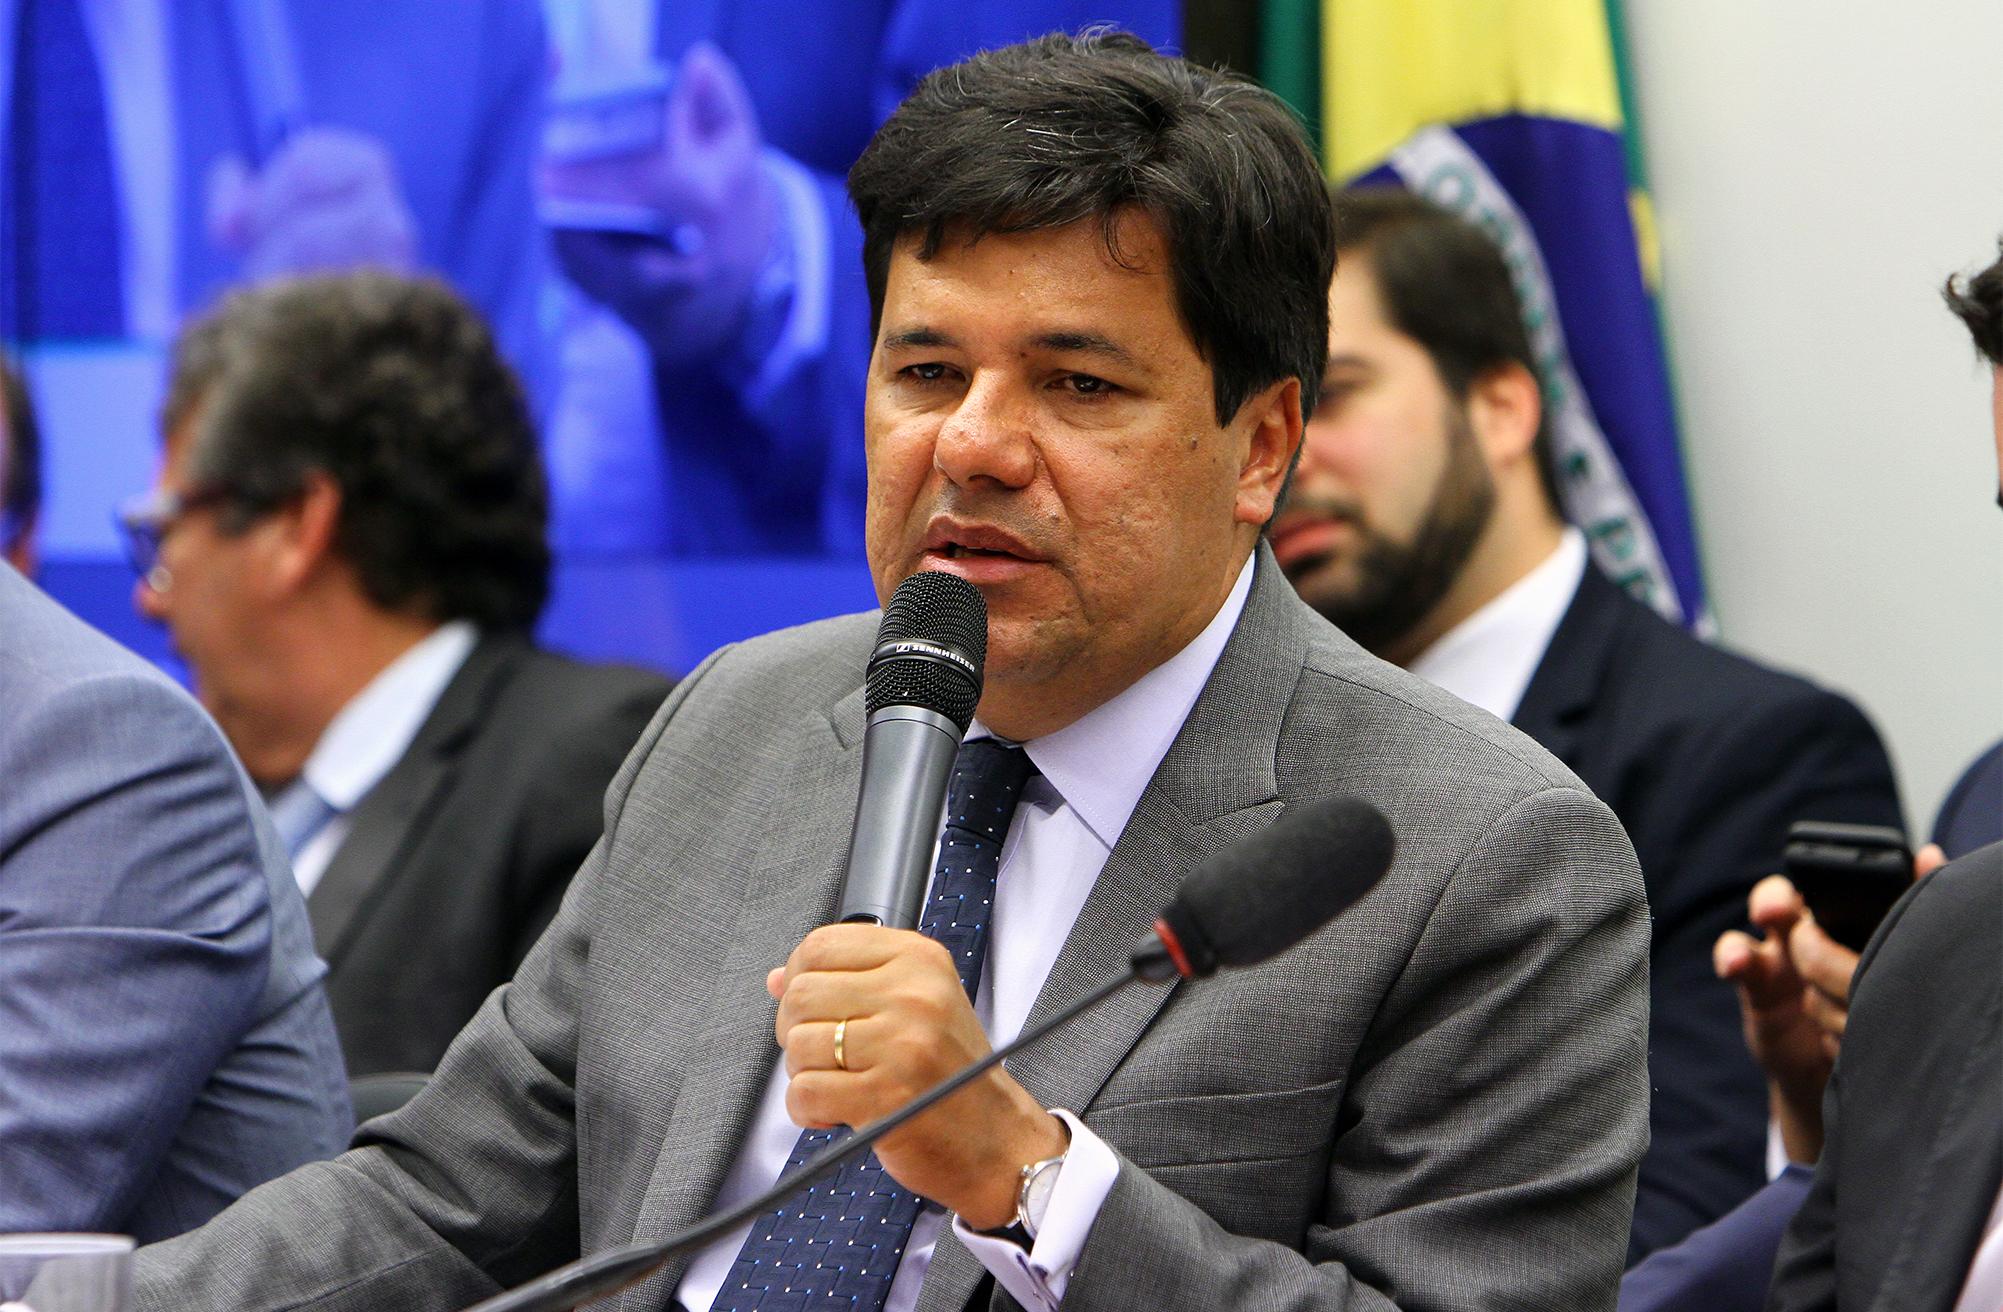 Reunião de Comparecimento com a presença do ministro da Educação, José Mendonça Bezerra Filho